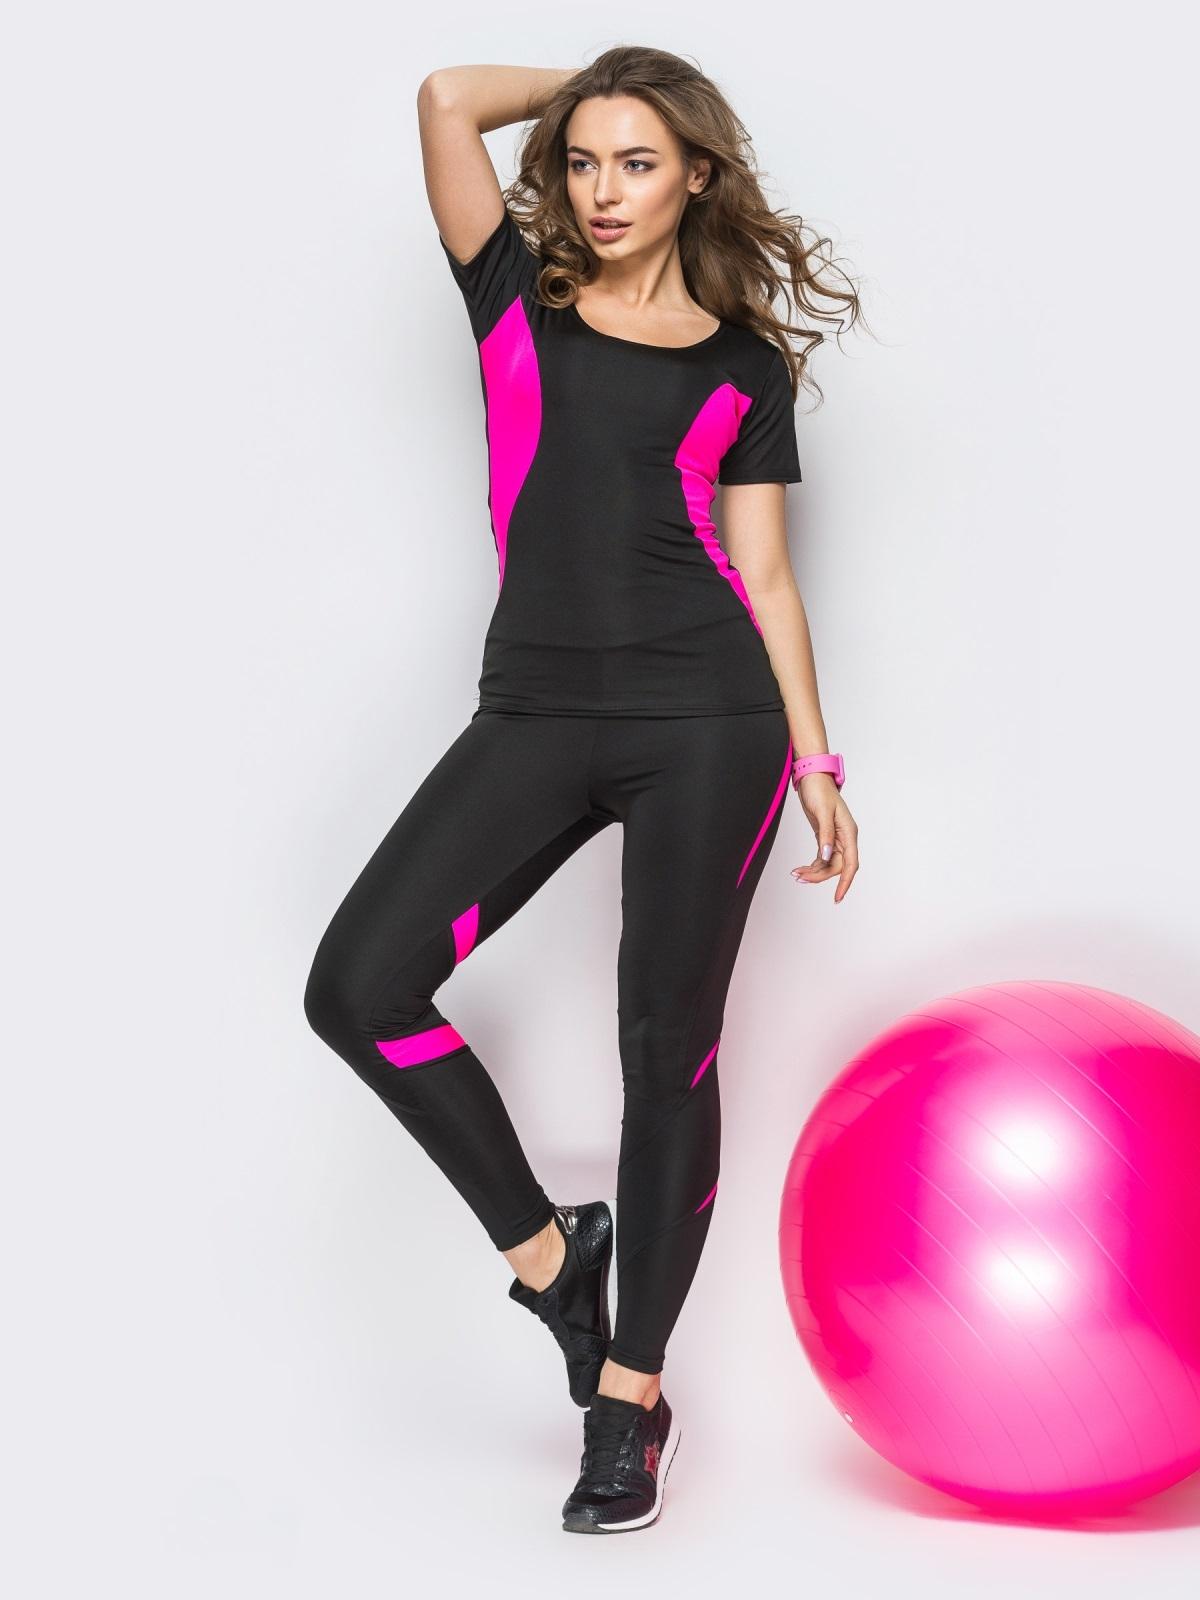 Комплект для фитнеса с розовыми вставками - 33746, фото 1 – интернет-магазин Dressa